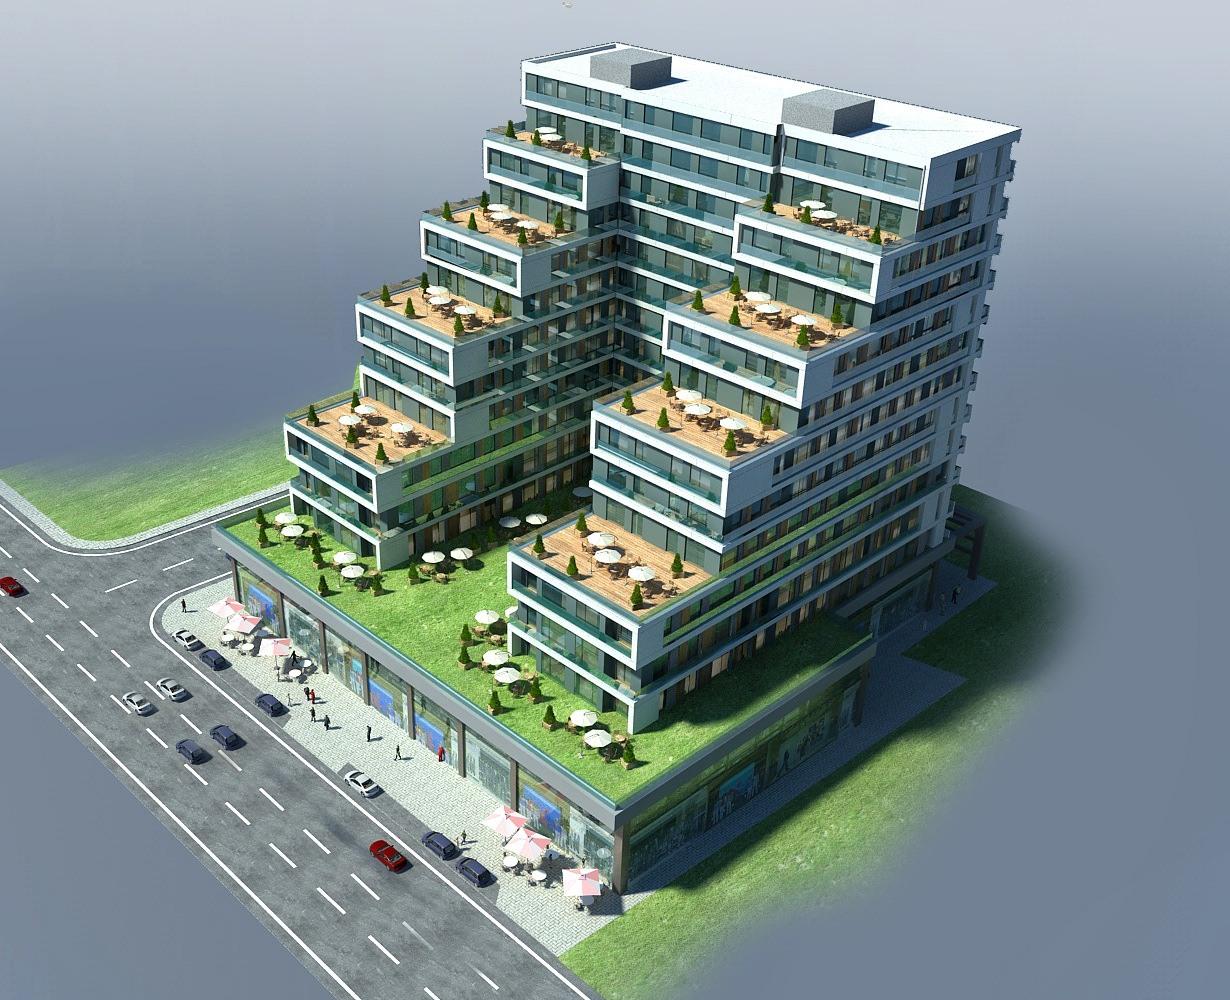 Квартиры планировкой 1+1 и 2+1 в районе Эсеньюрт - Фото 4